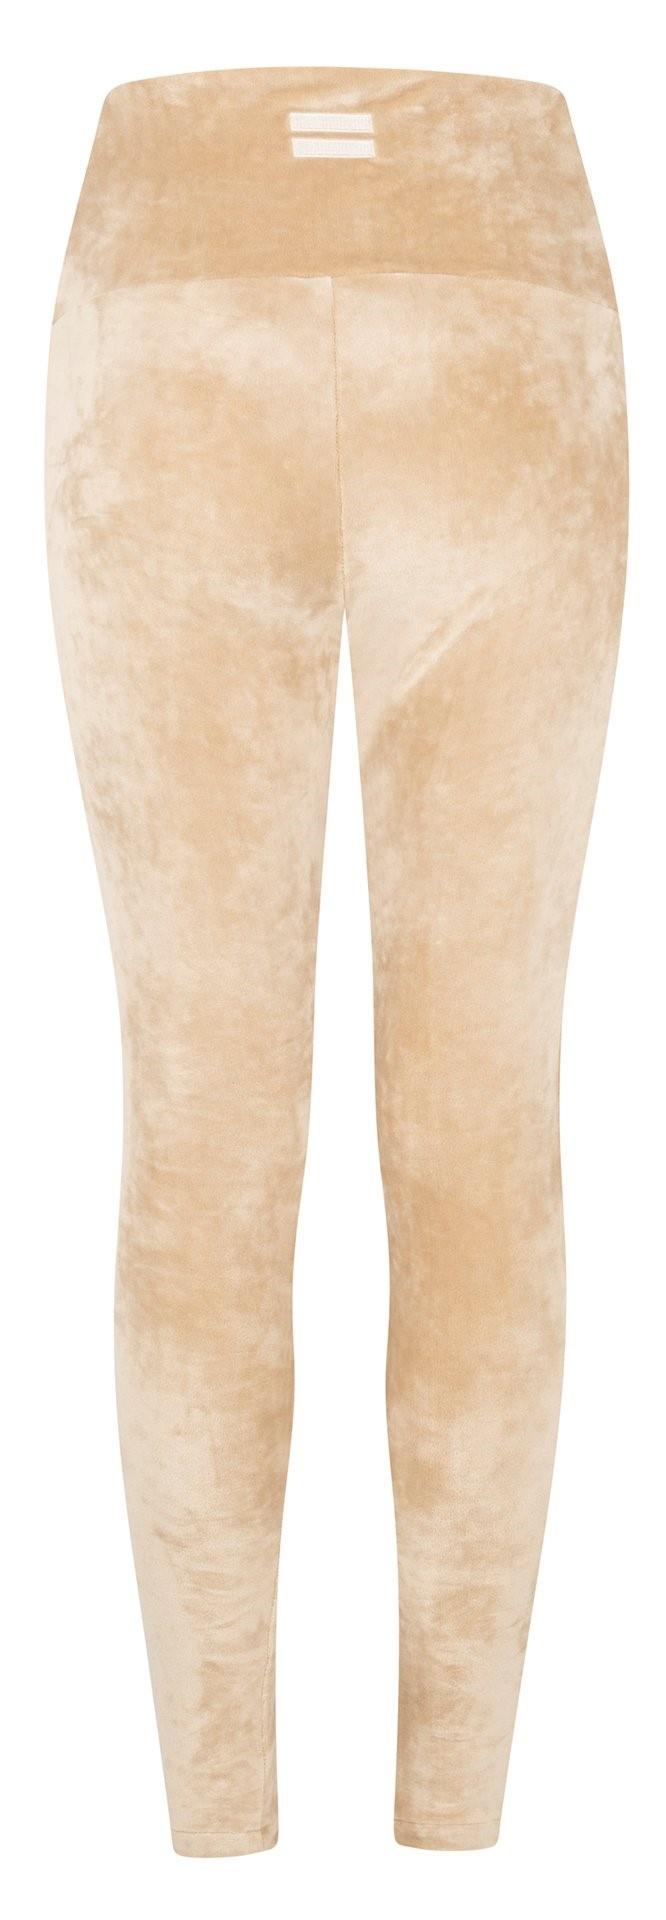 Broek legging velvet champagne-3